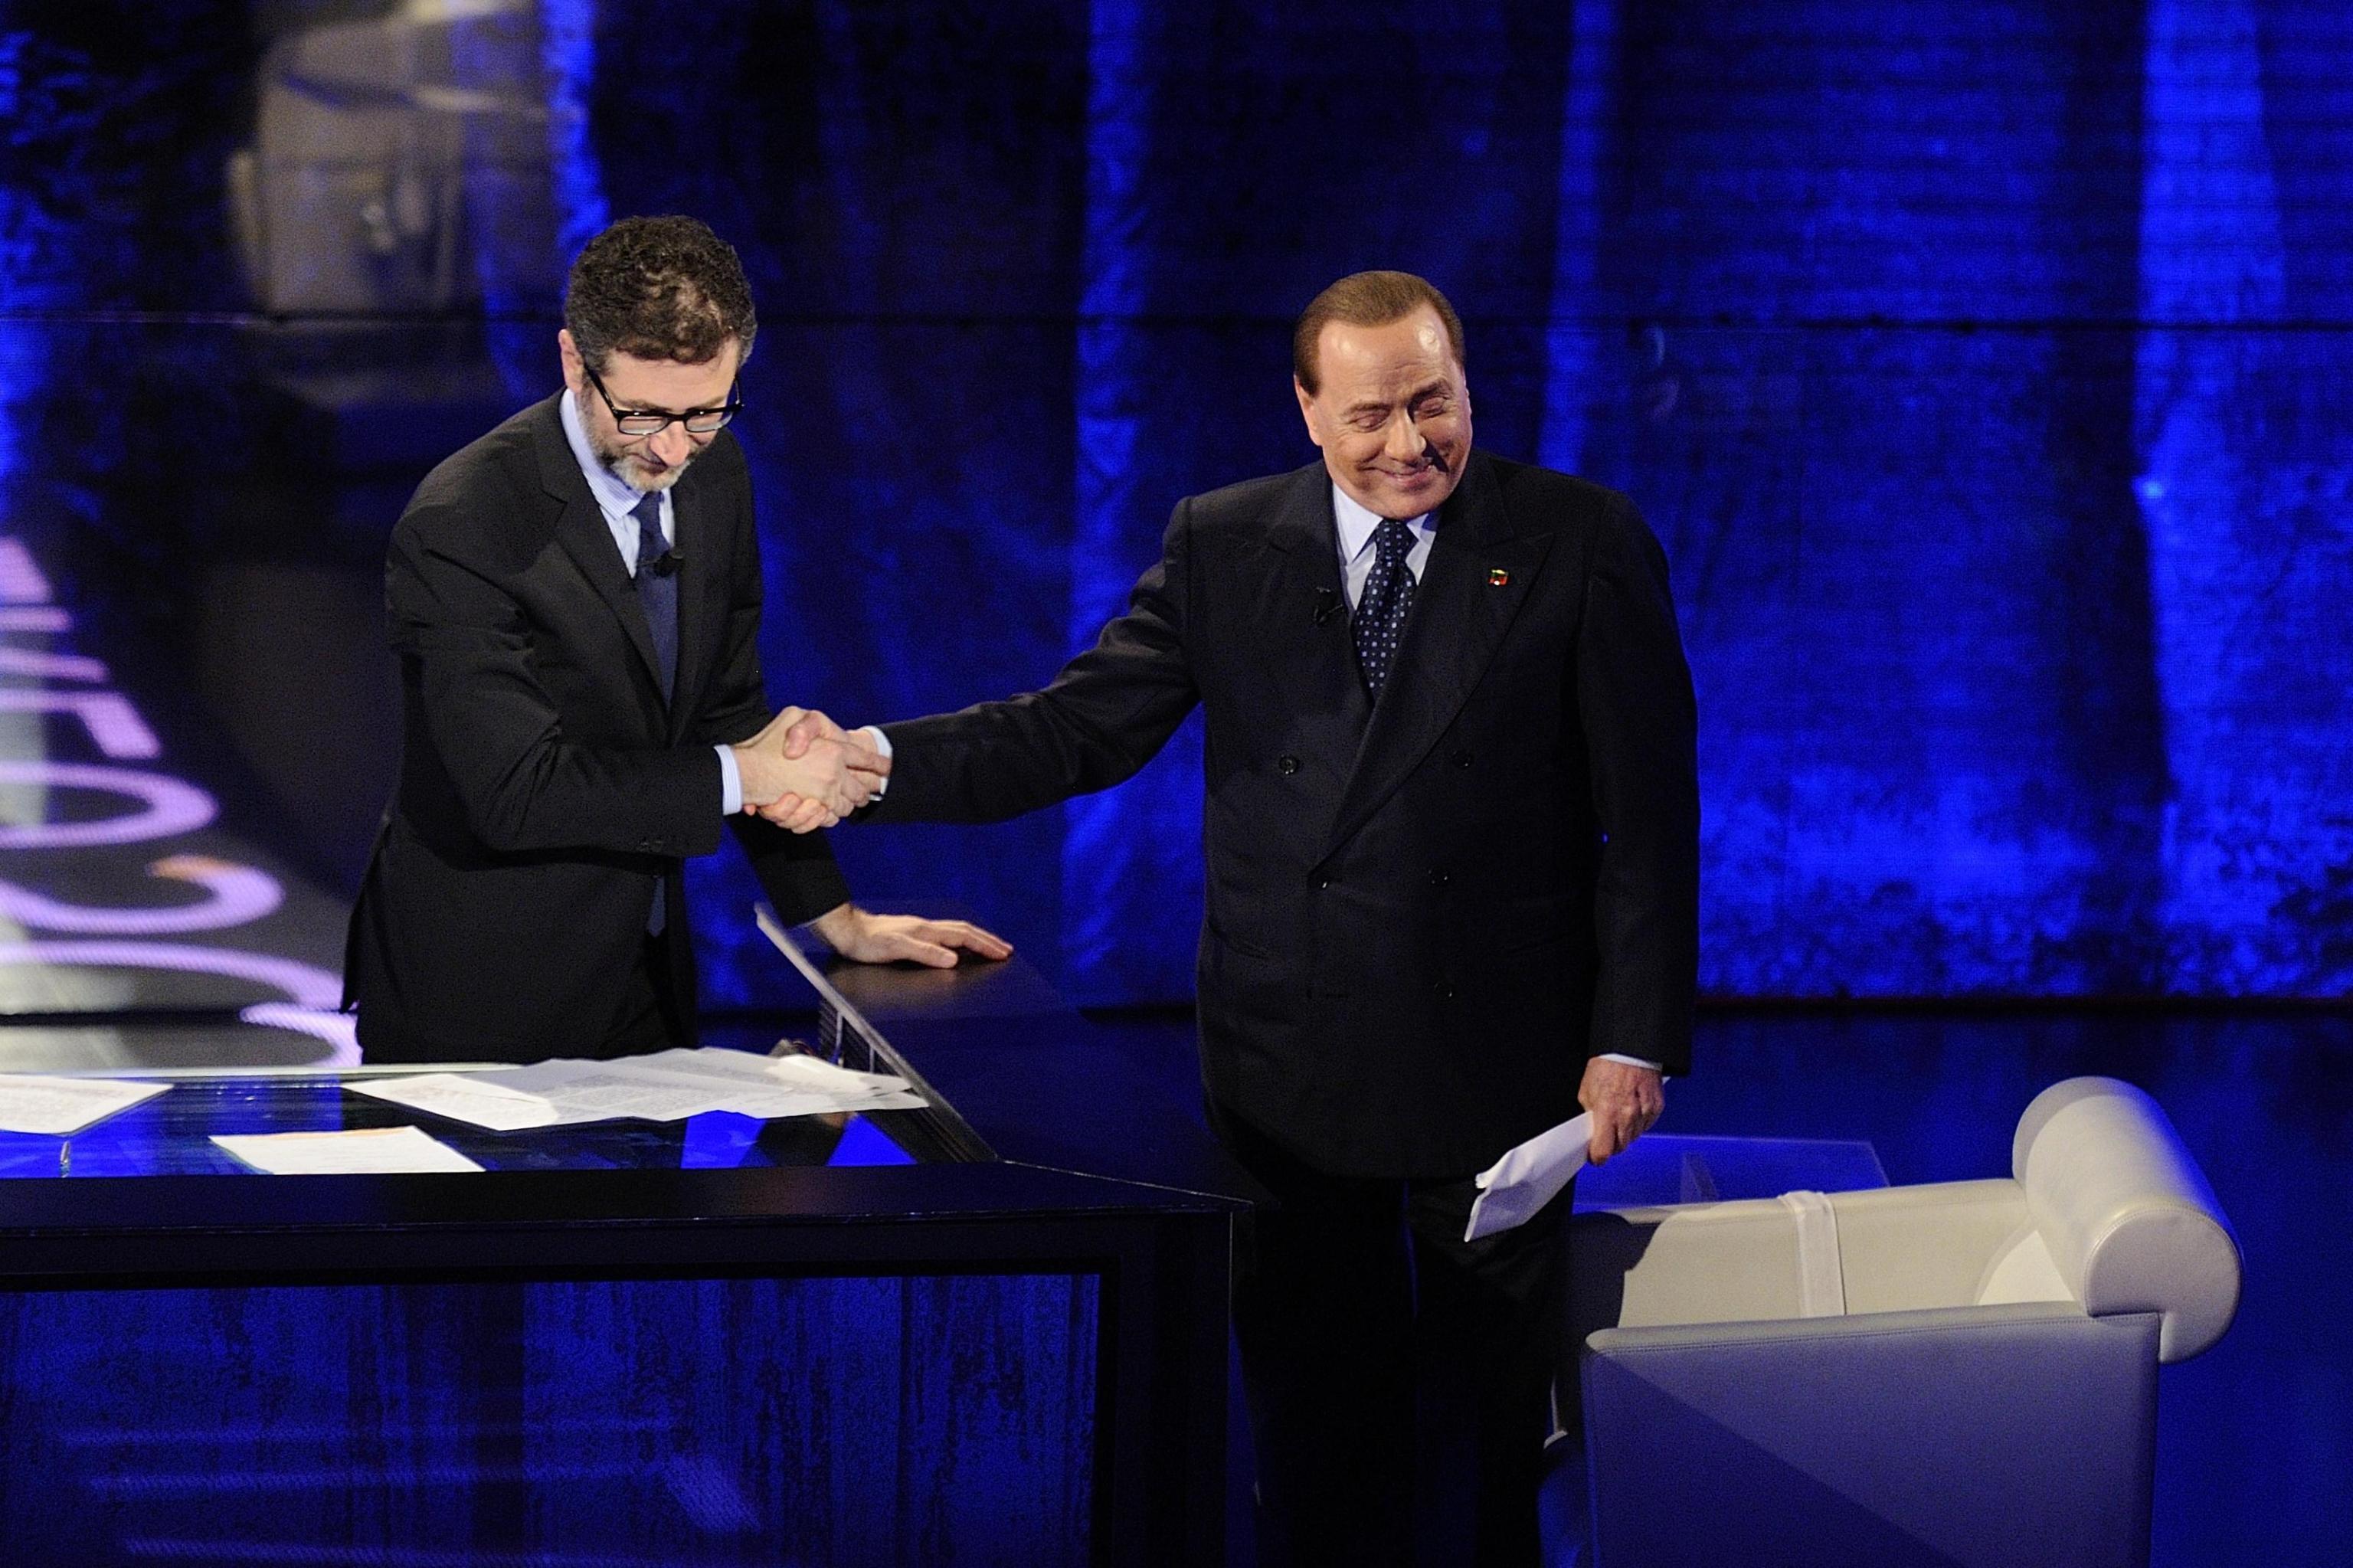 Che tempo che fa, Silvio Berlusconi ospite da Fabio Fazio domenica 26 novembre